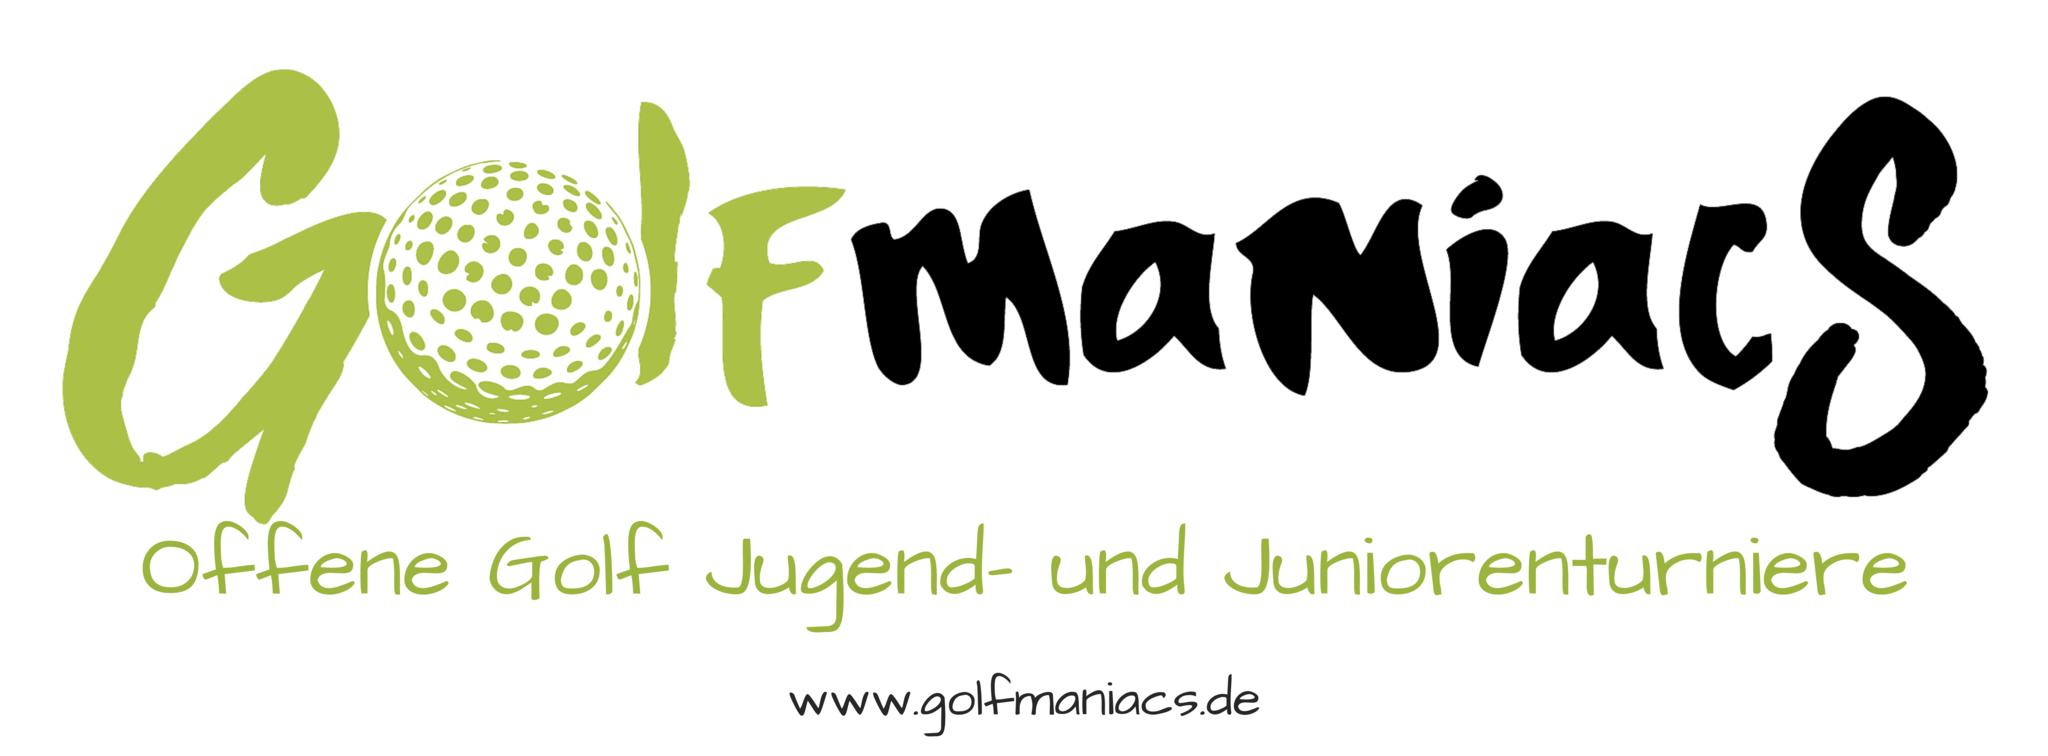 Golfturniere für Kinder und Jugendliche